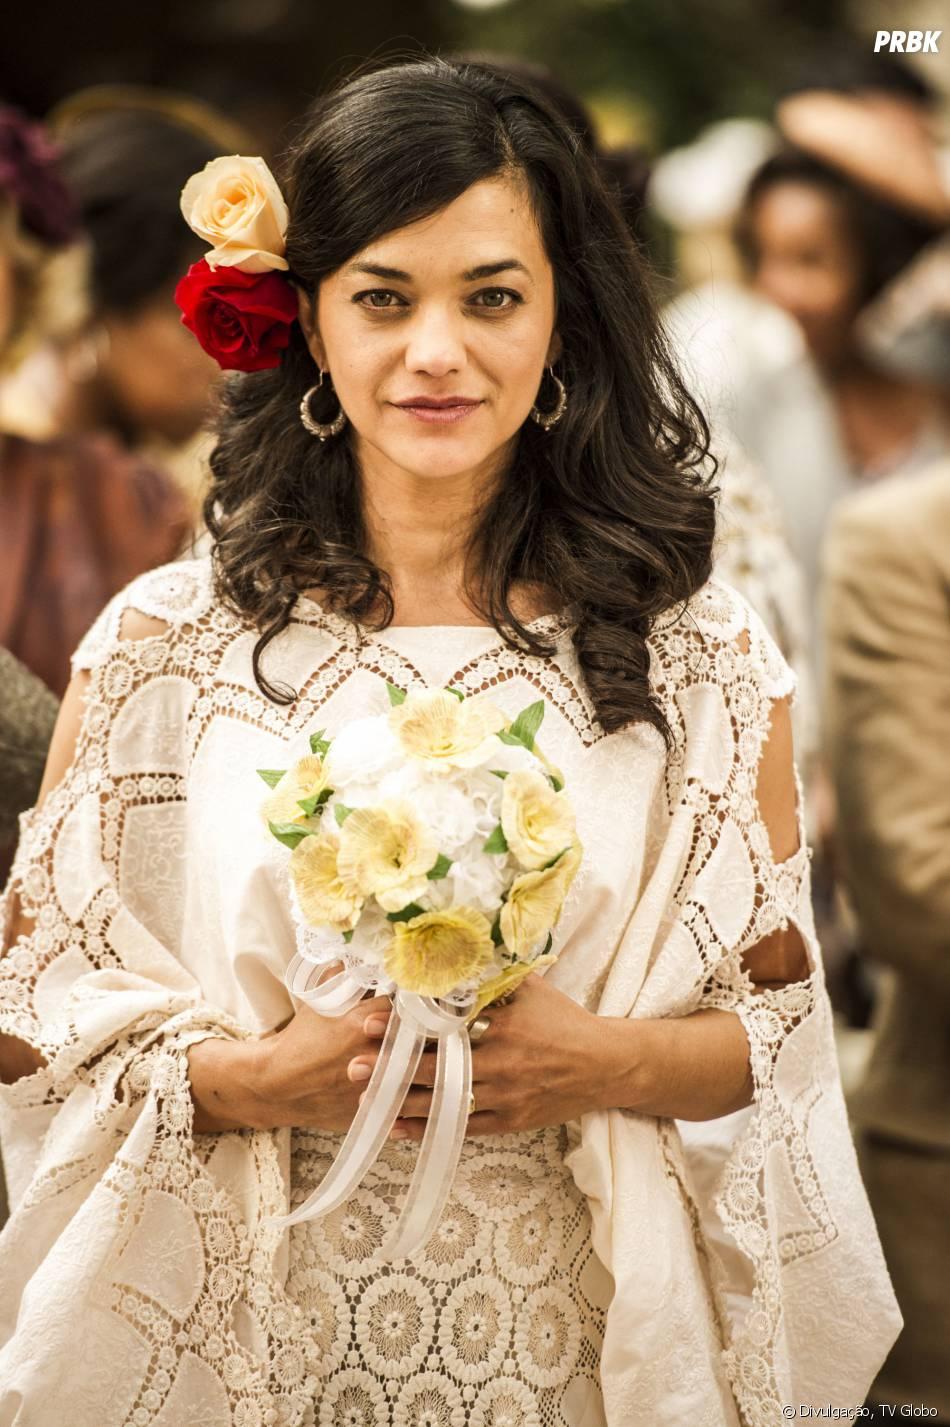 Ana Cecília Costa Atriz gaia (ana cecília costa) com o lindo vestido inspirado nas